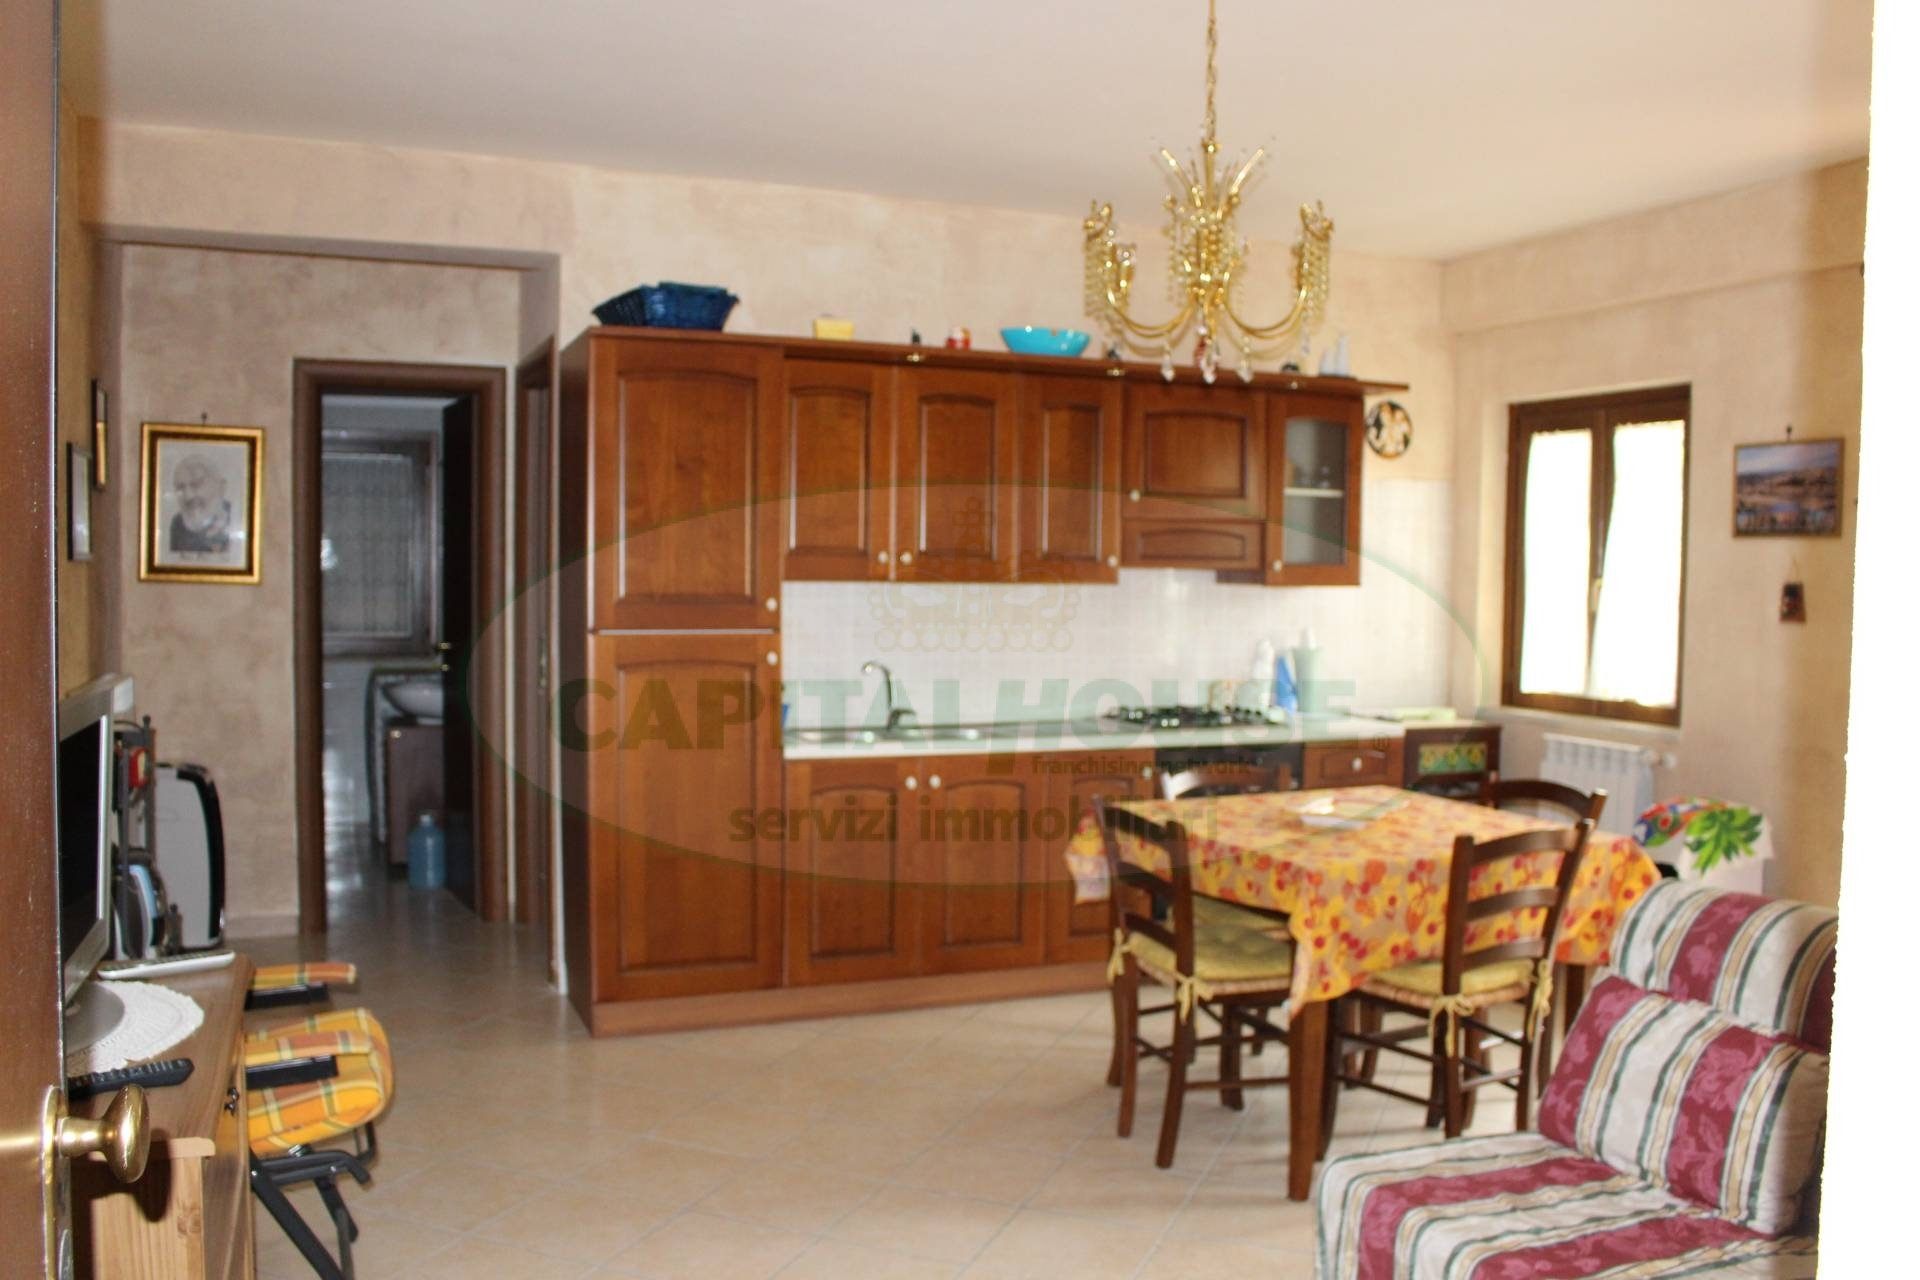 vendita appartamento ospedaletto d'alpinolo   60000 euro  2 locali  50 mq